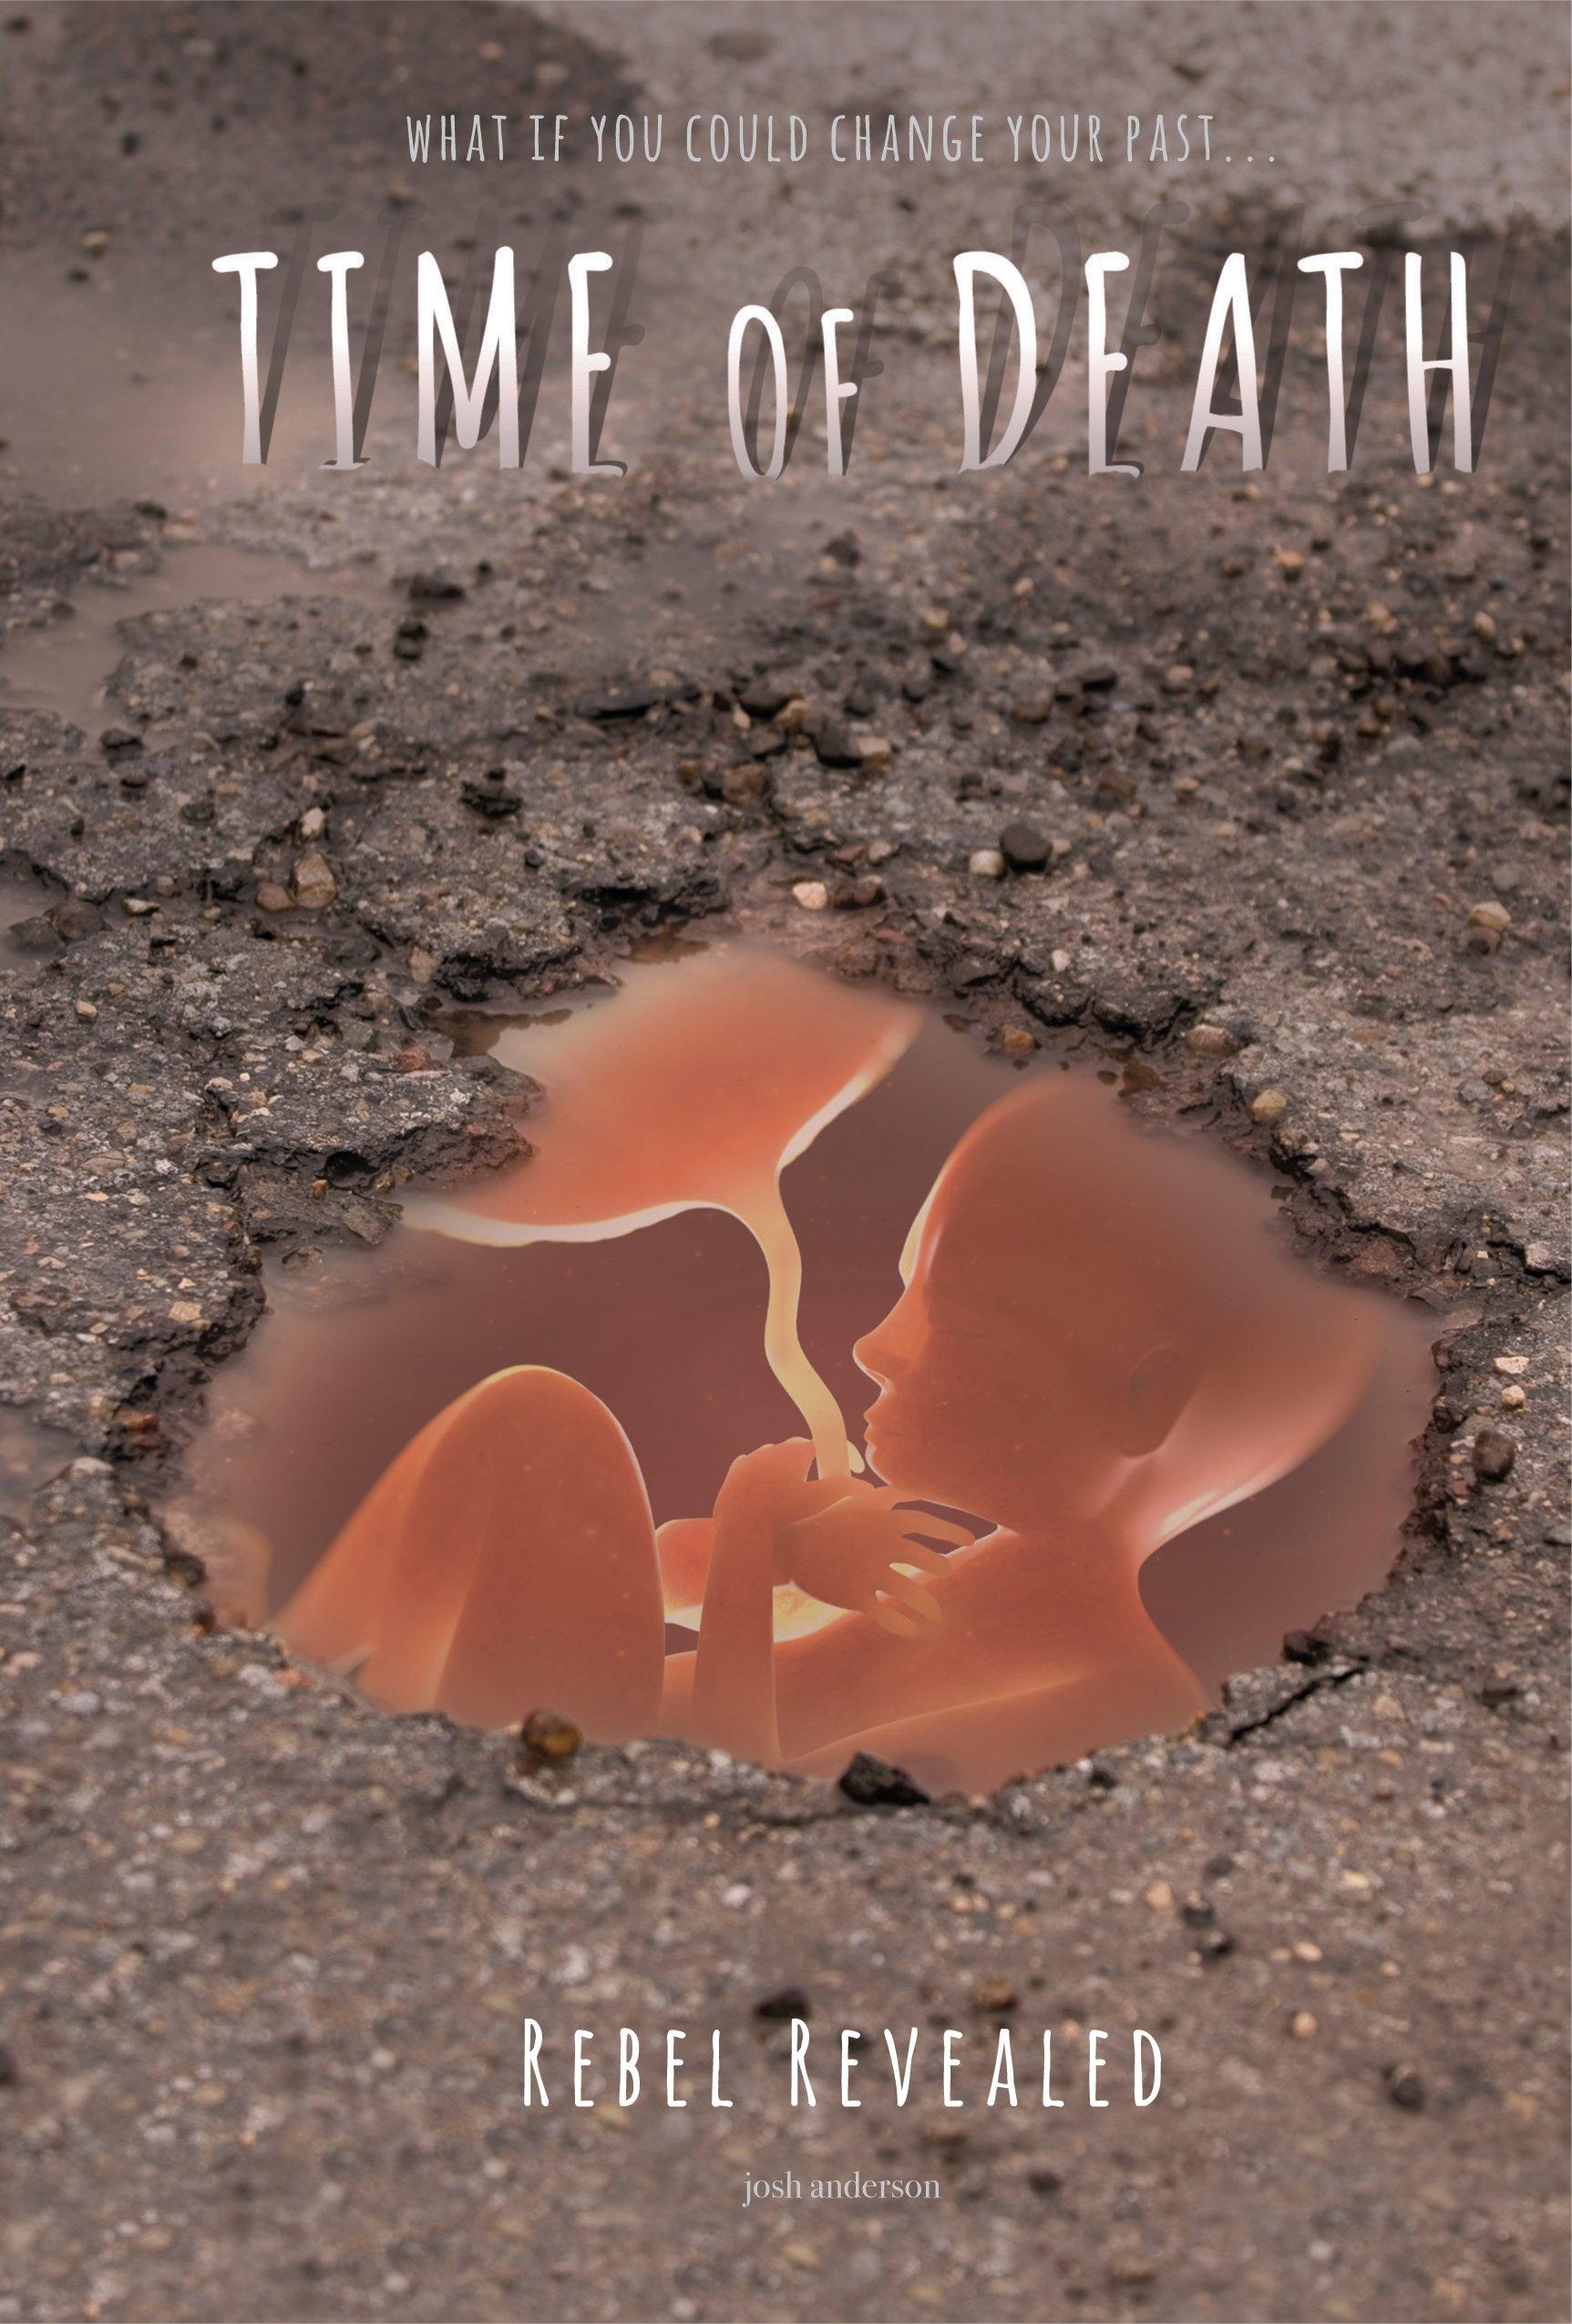 Download Rebel Revealed (Time of Death) ebook